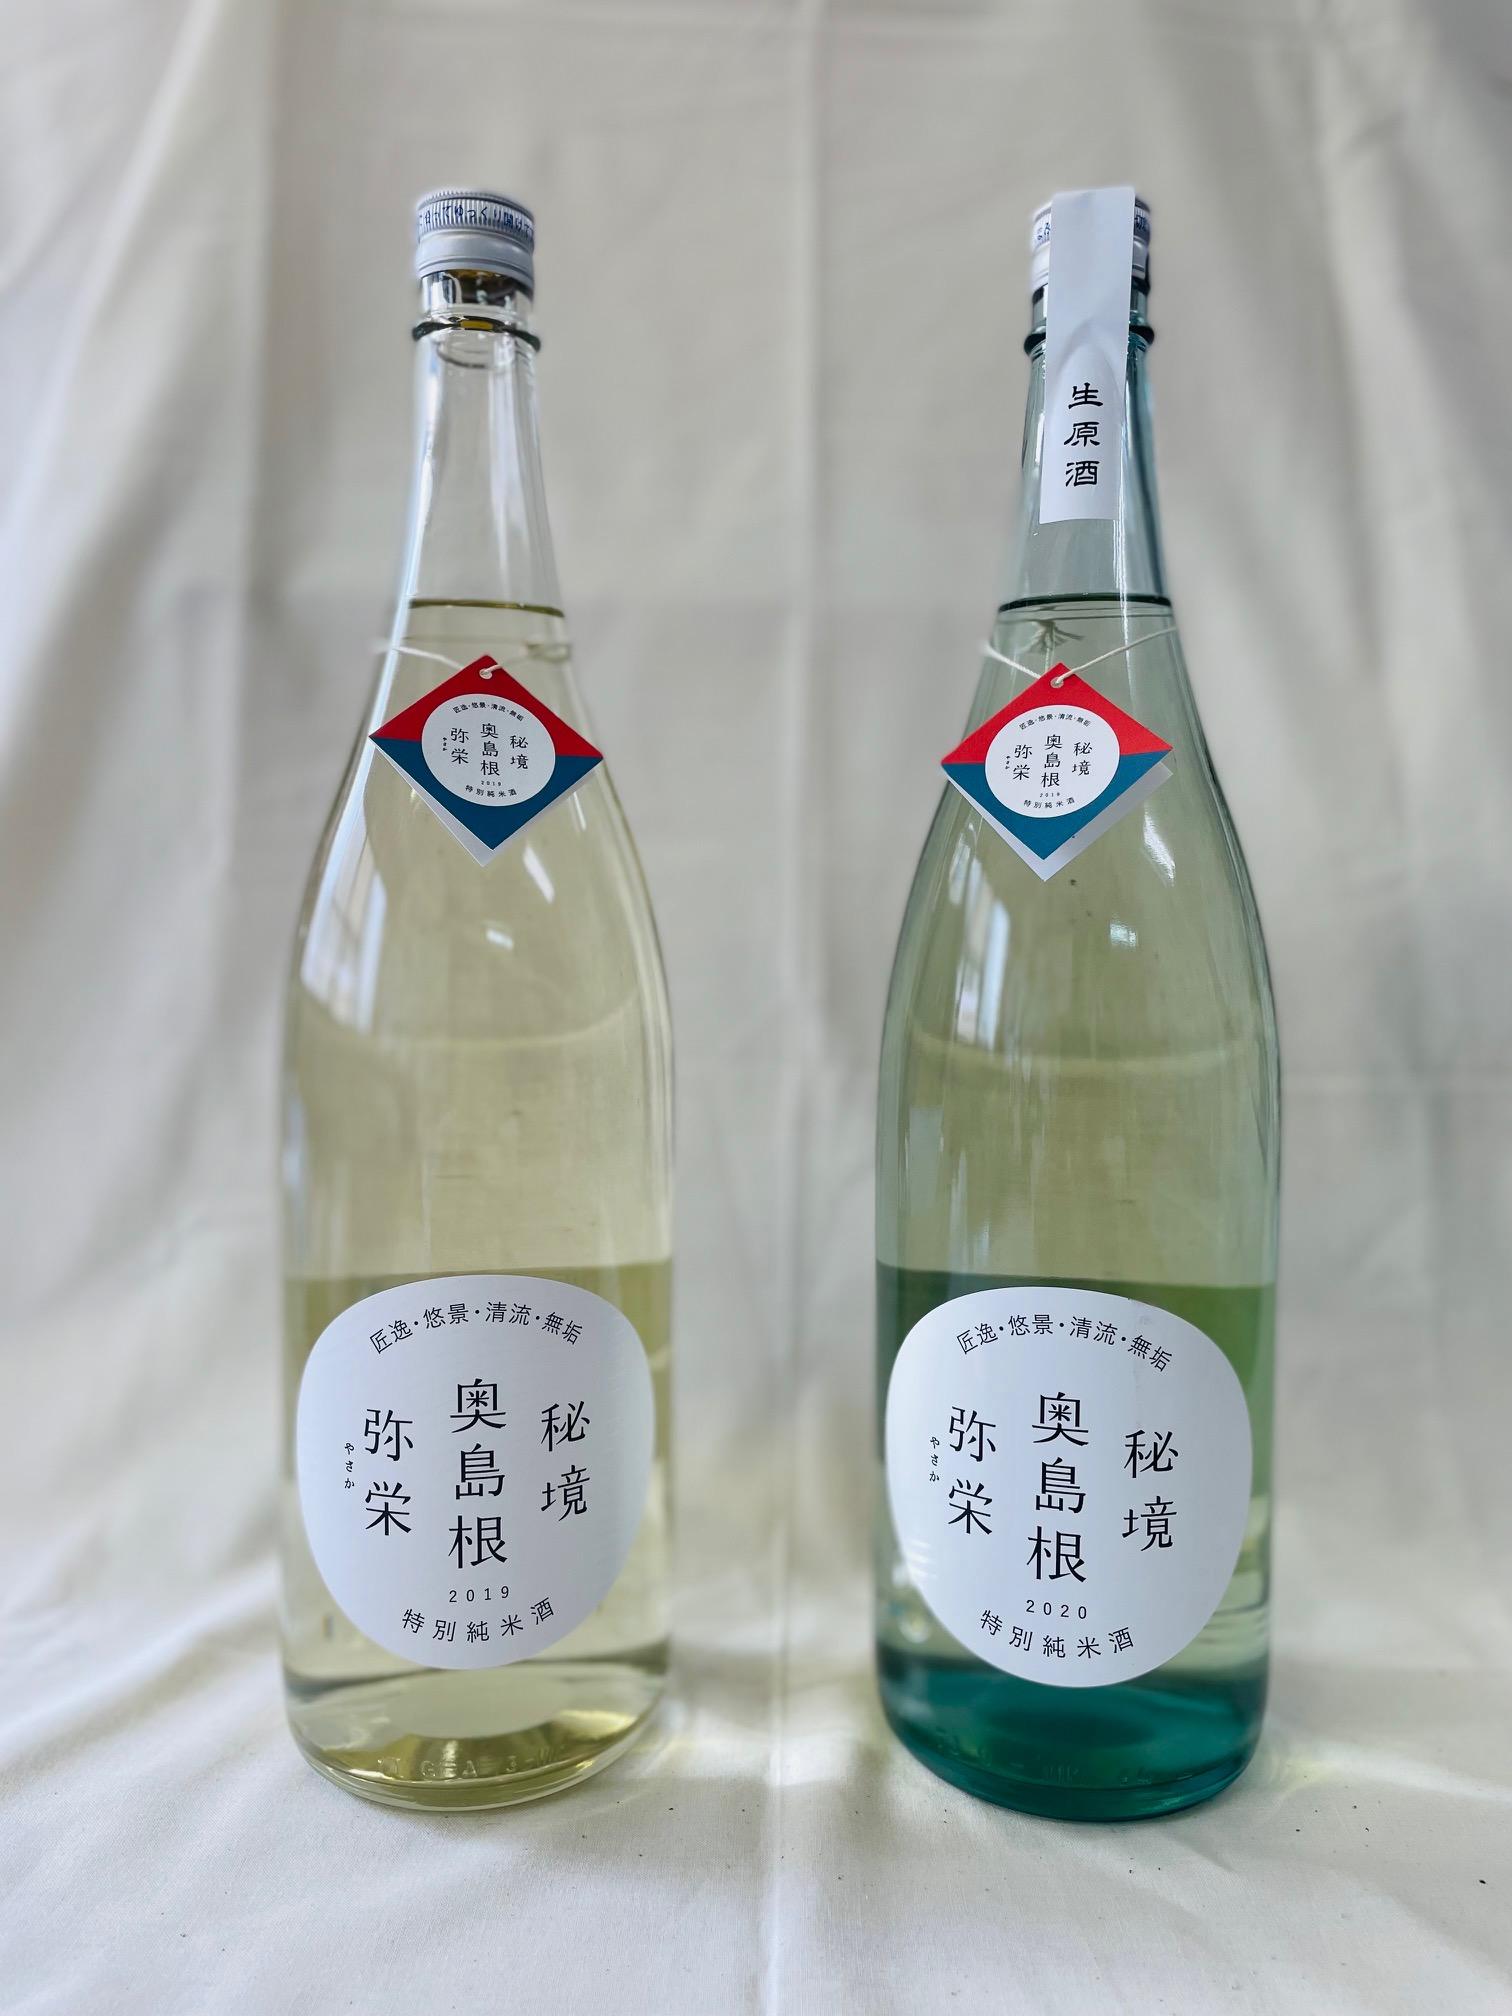 特別純米酒「秘境奥島根弥栄」 生原酒・火入酒 飲み比べセット 1800ml2本